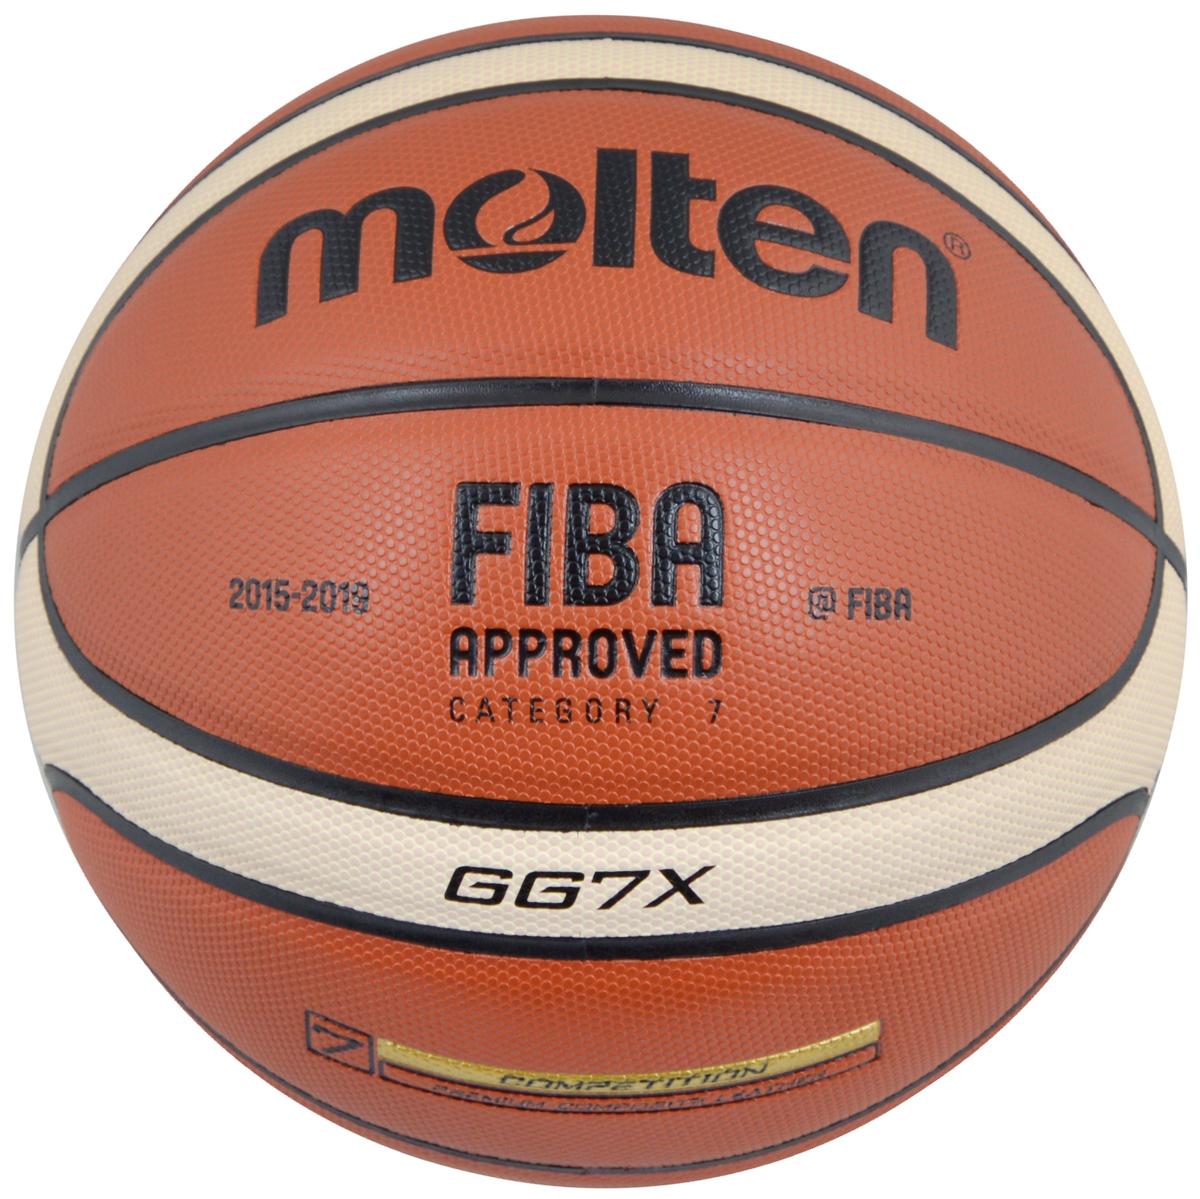 Мяч баскетбольный Molten, цвет: кирпичный, черный, бежевый. Размер 7. BGG7X баскетбольный мяч molten gm7 pu